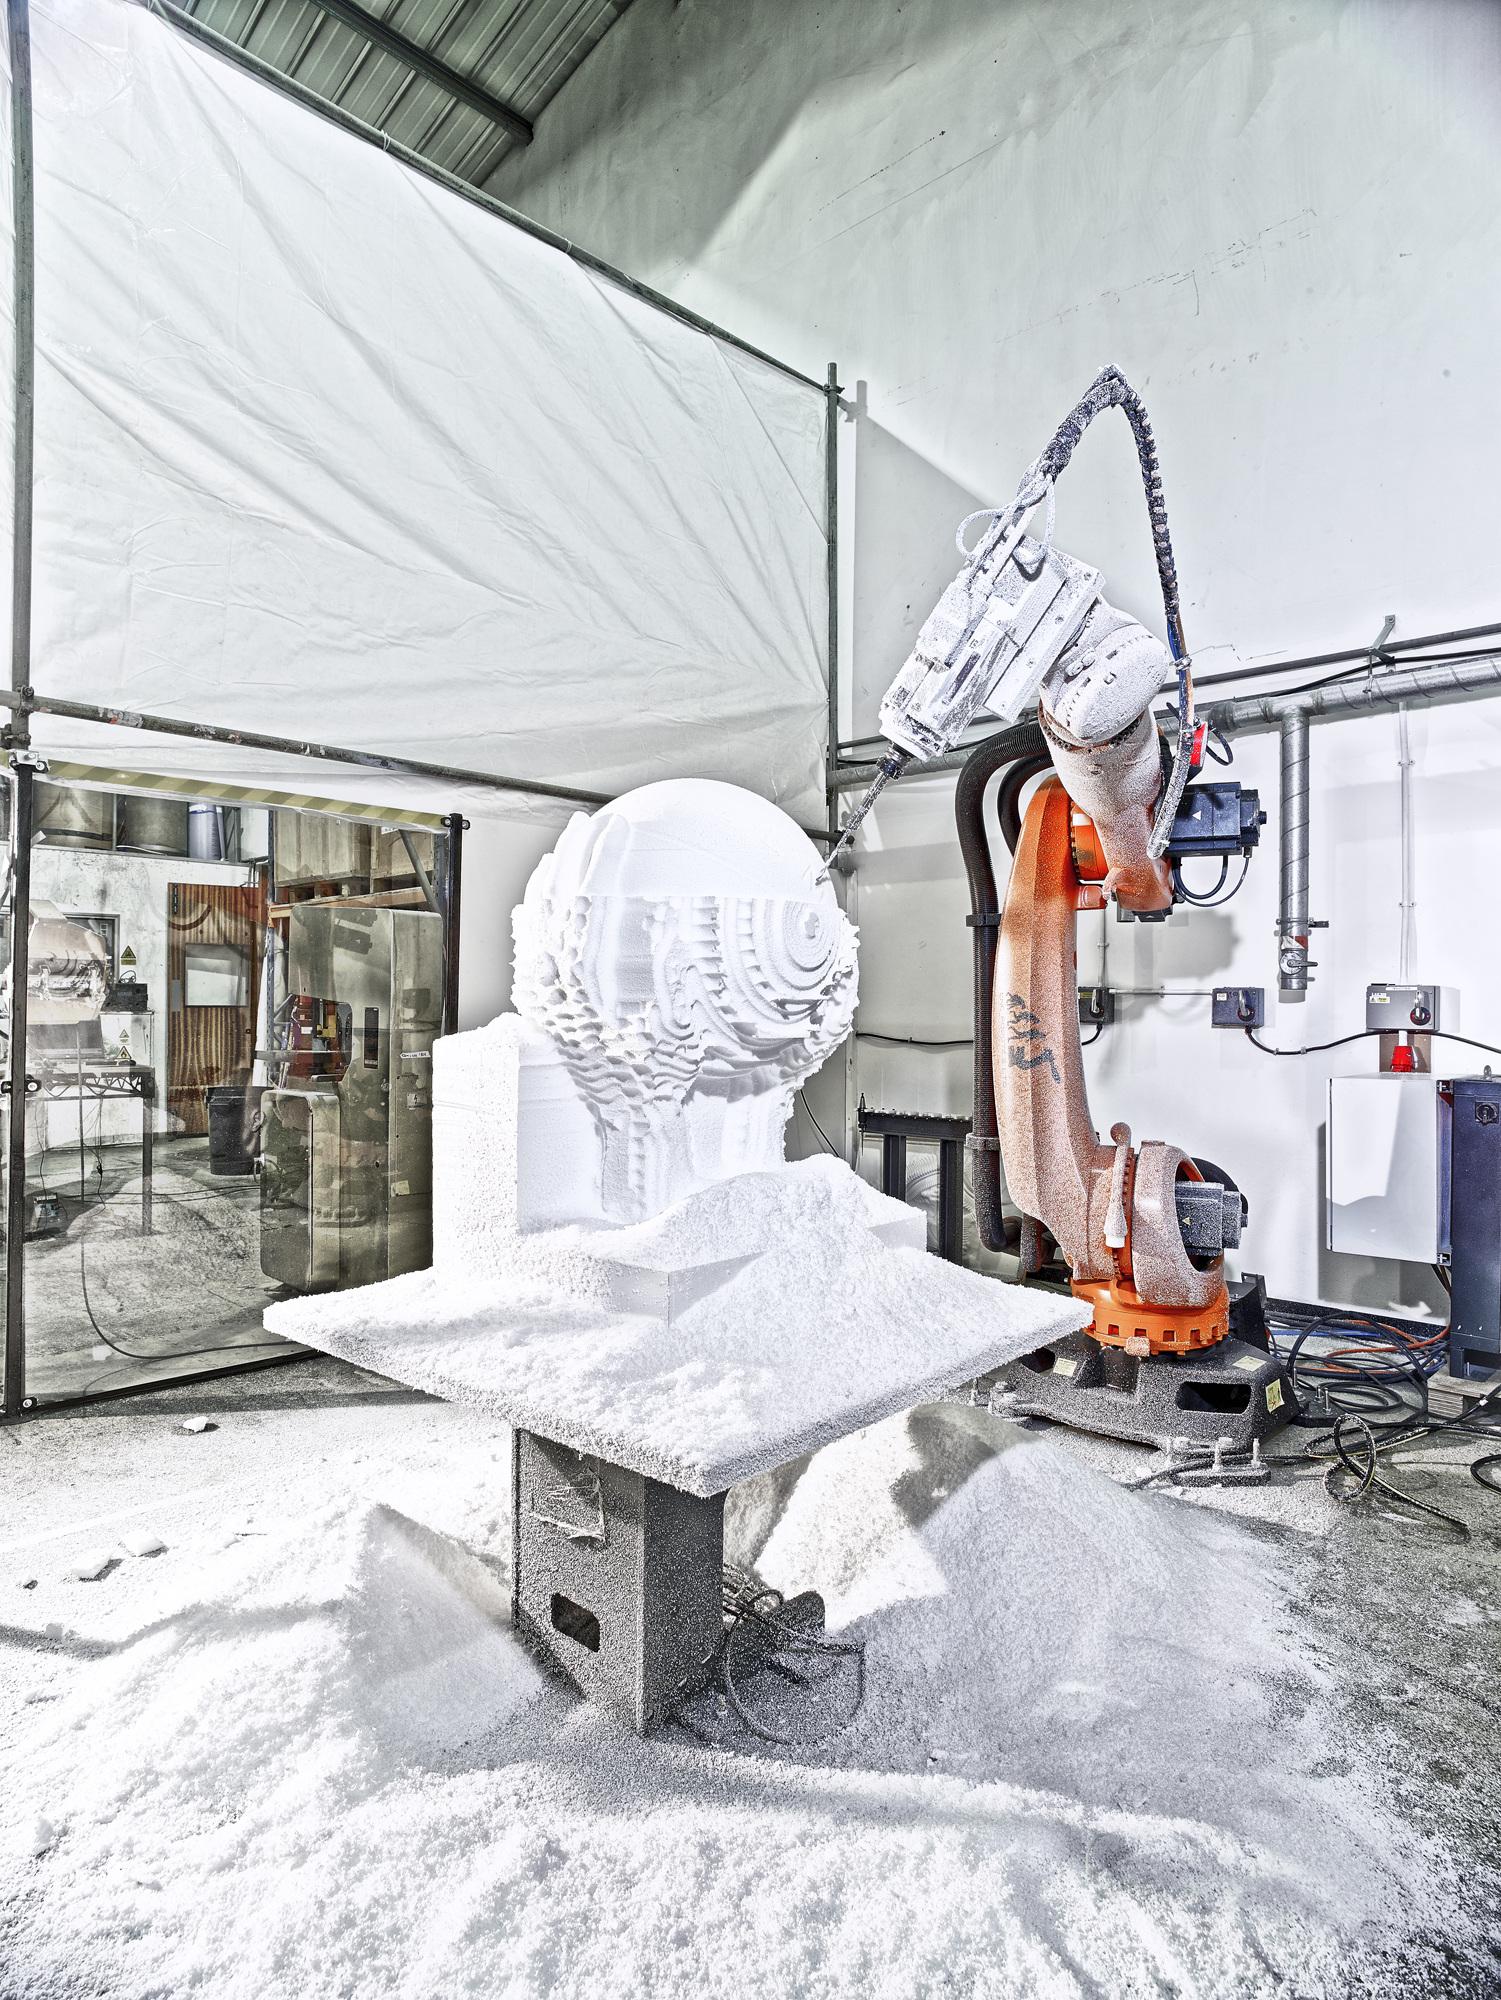 Les robots industriels ne servent bien évidemment pas uniquement à la fabrication d'automobiles, leurs domaines d'intervention peuvent être aussi divers quel'usinage des cuves d'unréacteurnucléaire, ou bien encore servir àla  réalisation desculptures géantes pour l'industrie du spectacle .  Photographie:  Christoffer Rudquist